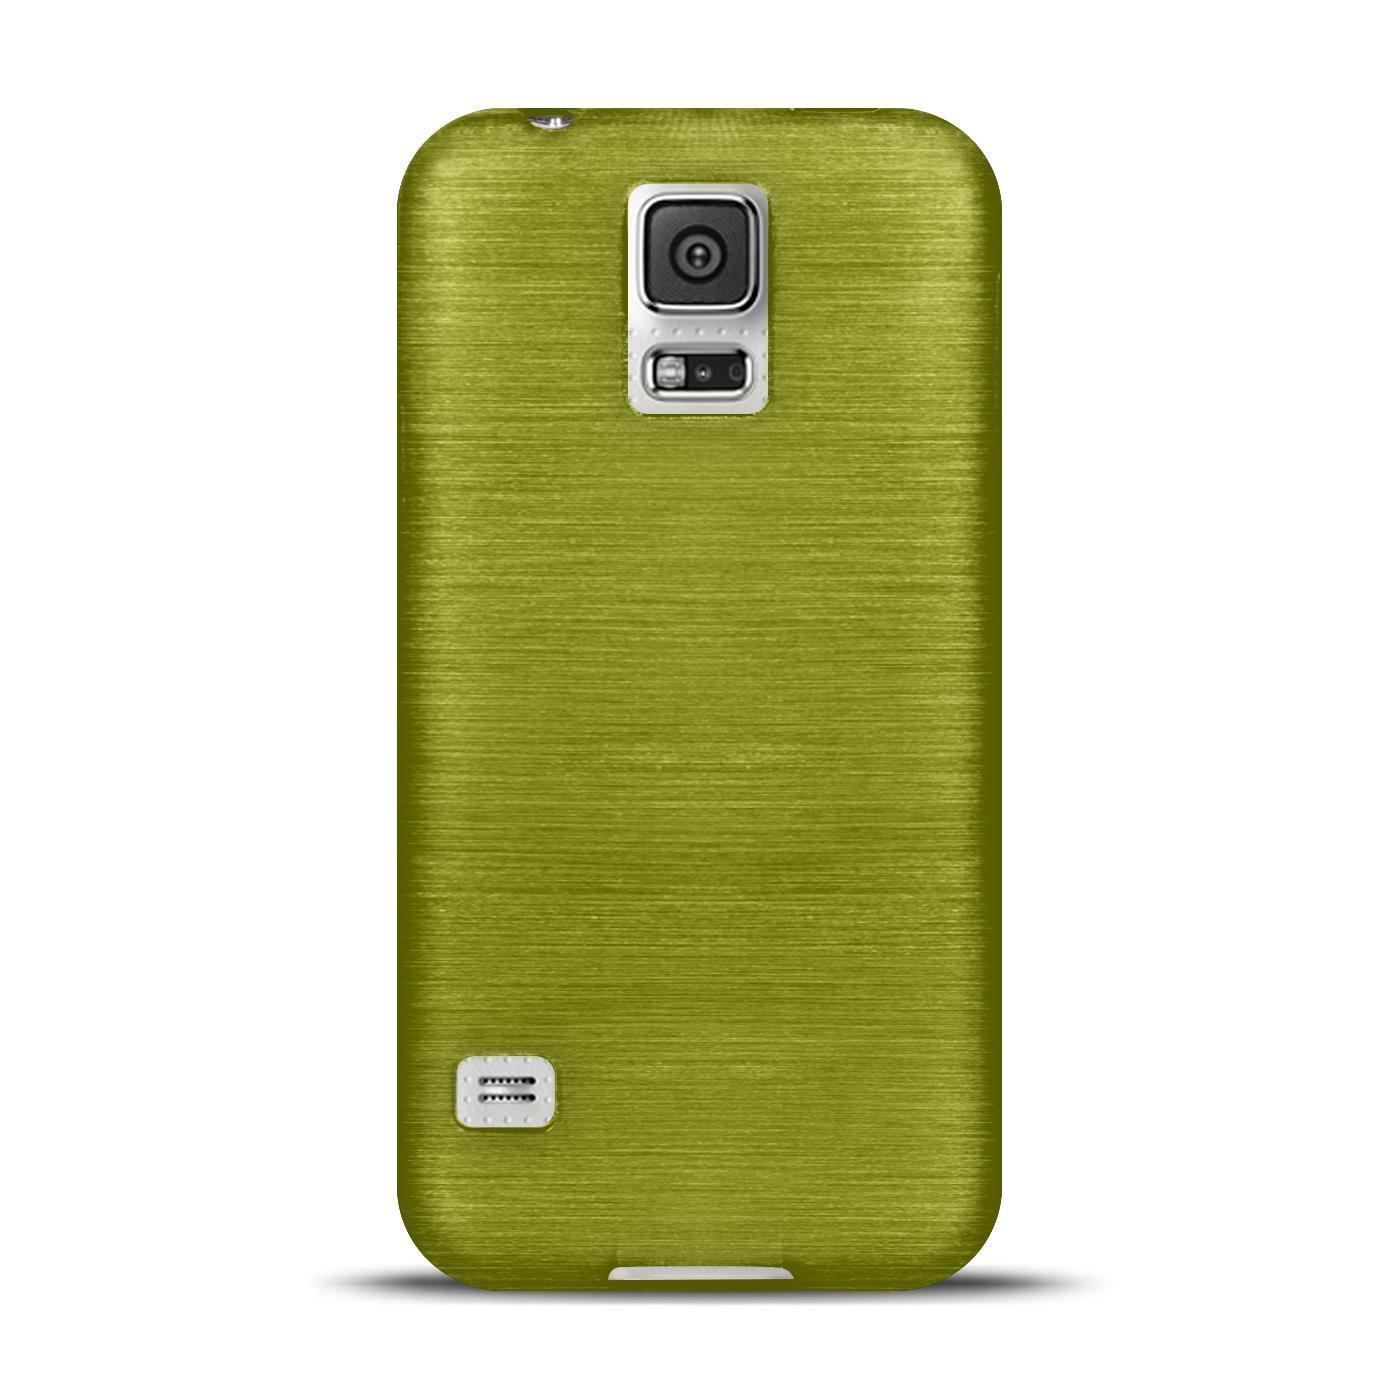 Silikon-Bumper-Case-Samsung-Galaxy-s5-Neo-duenne-ultra-slim-Stossfeste-Rueckschale Indexbild 18